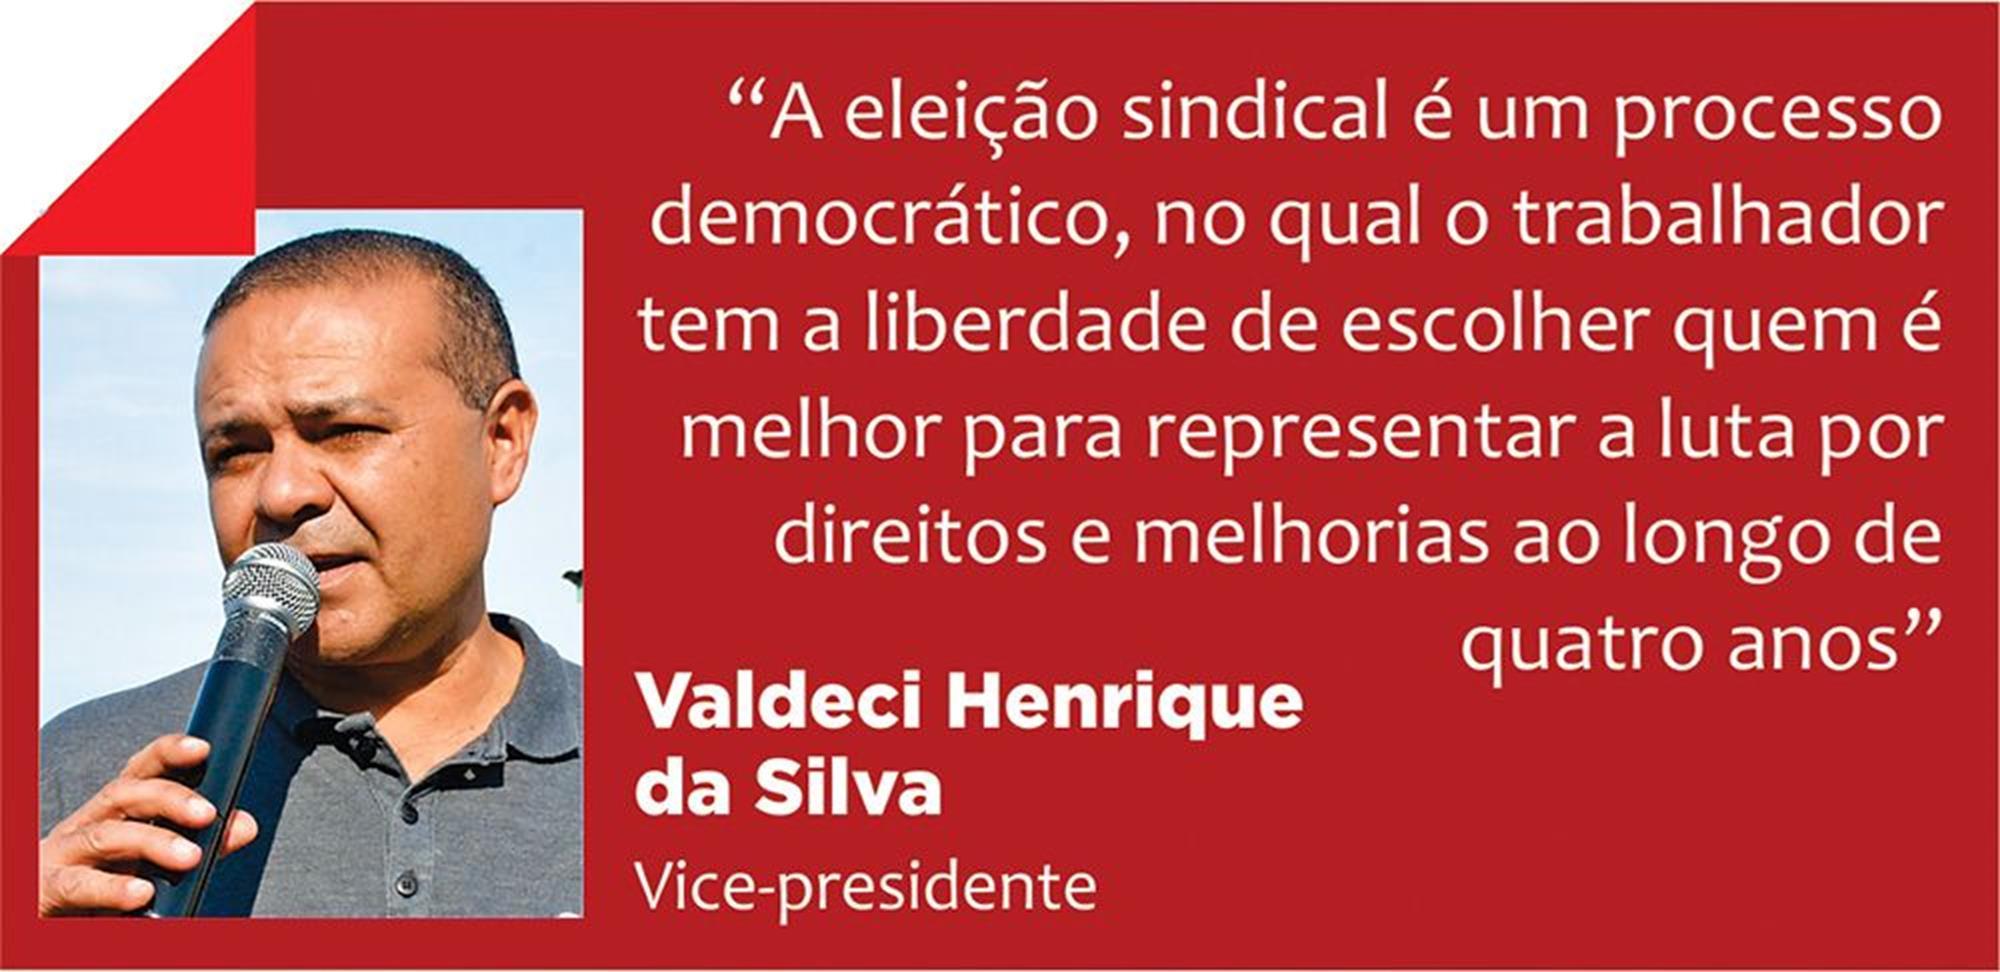 verdinho, eleição, sindical, valdeci, Divulgação